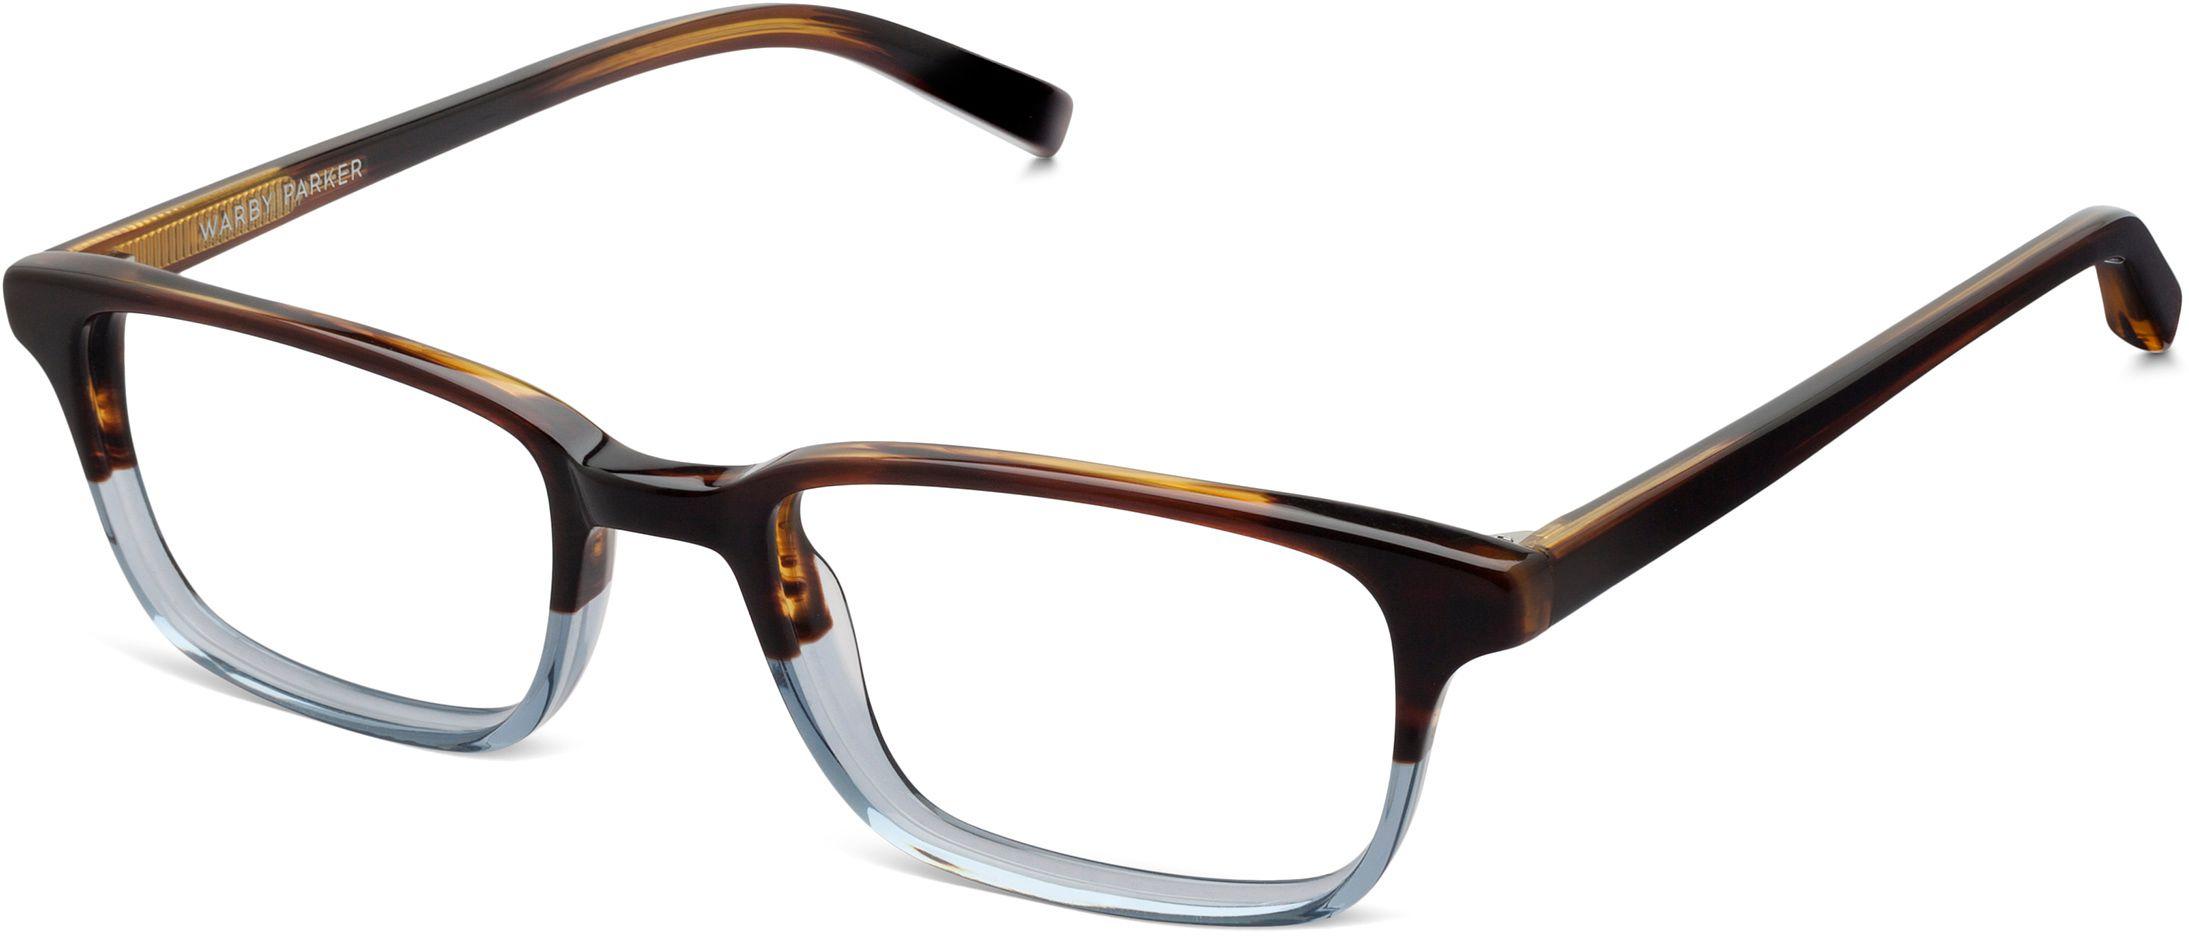 1d129fc75c5 Wilkie Eyeglasses in Eastern Bluebird Fade for Women